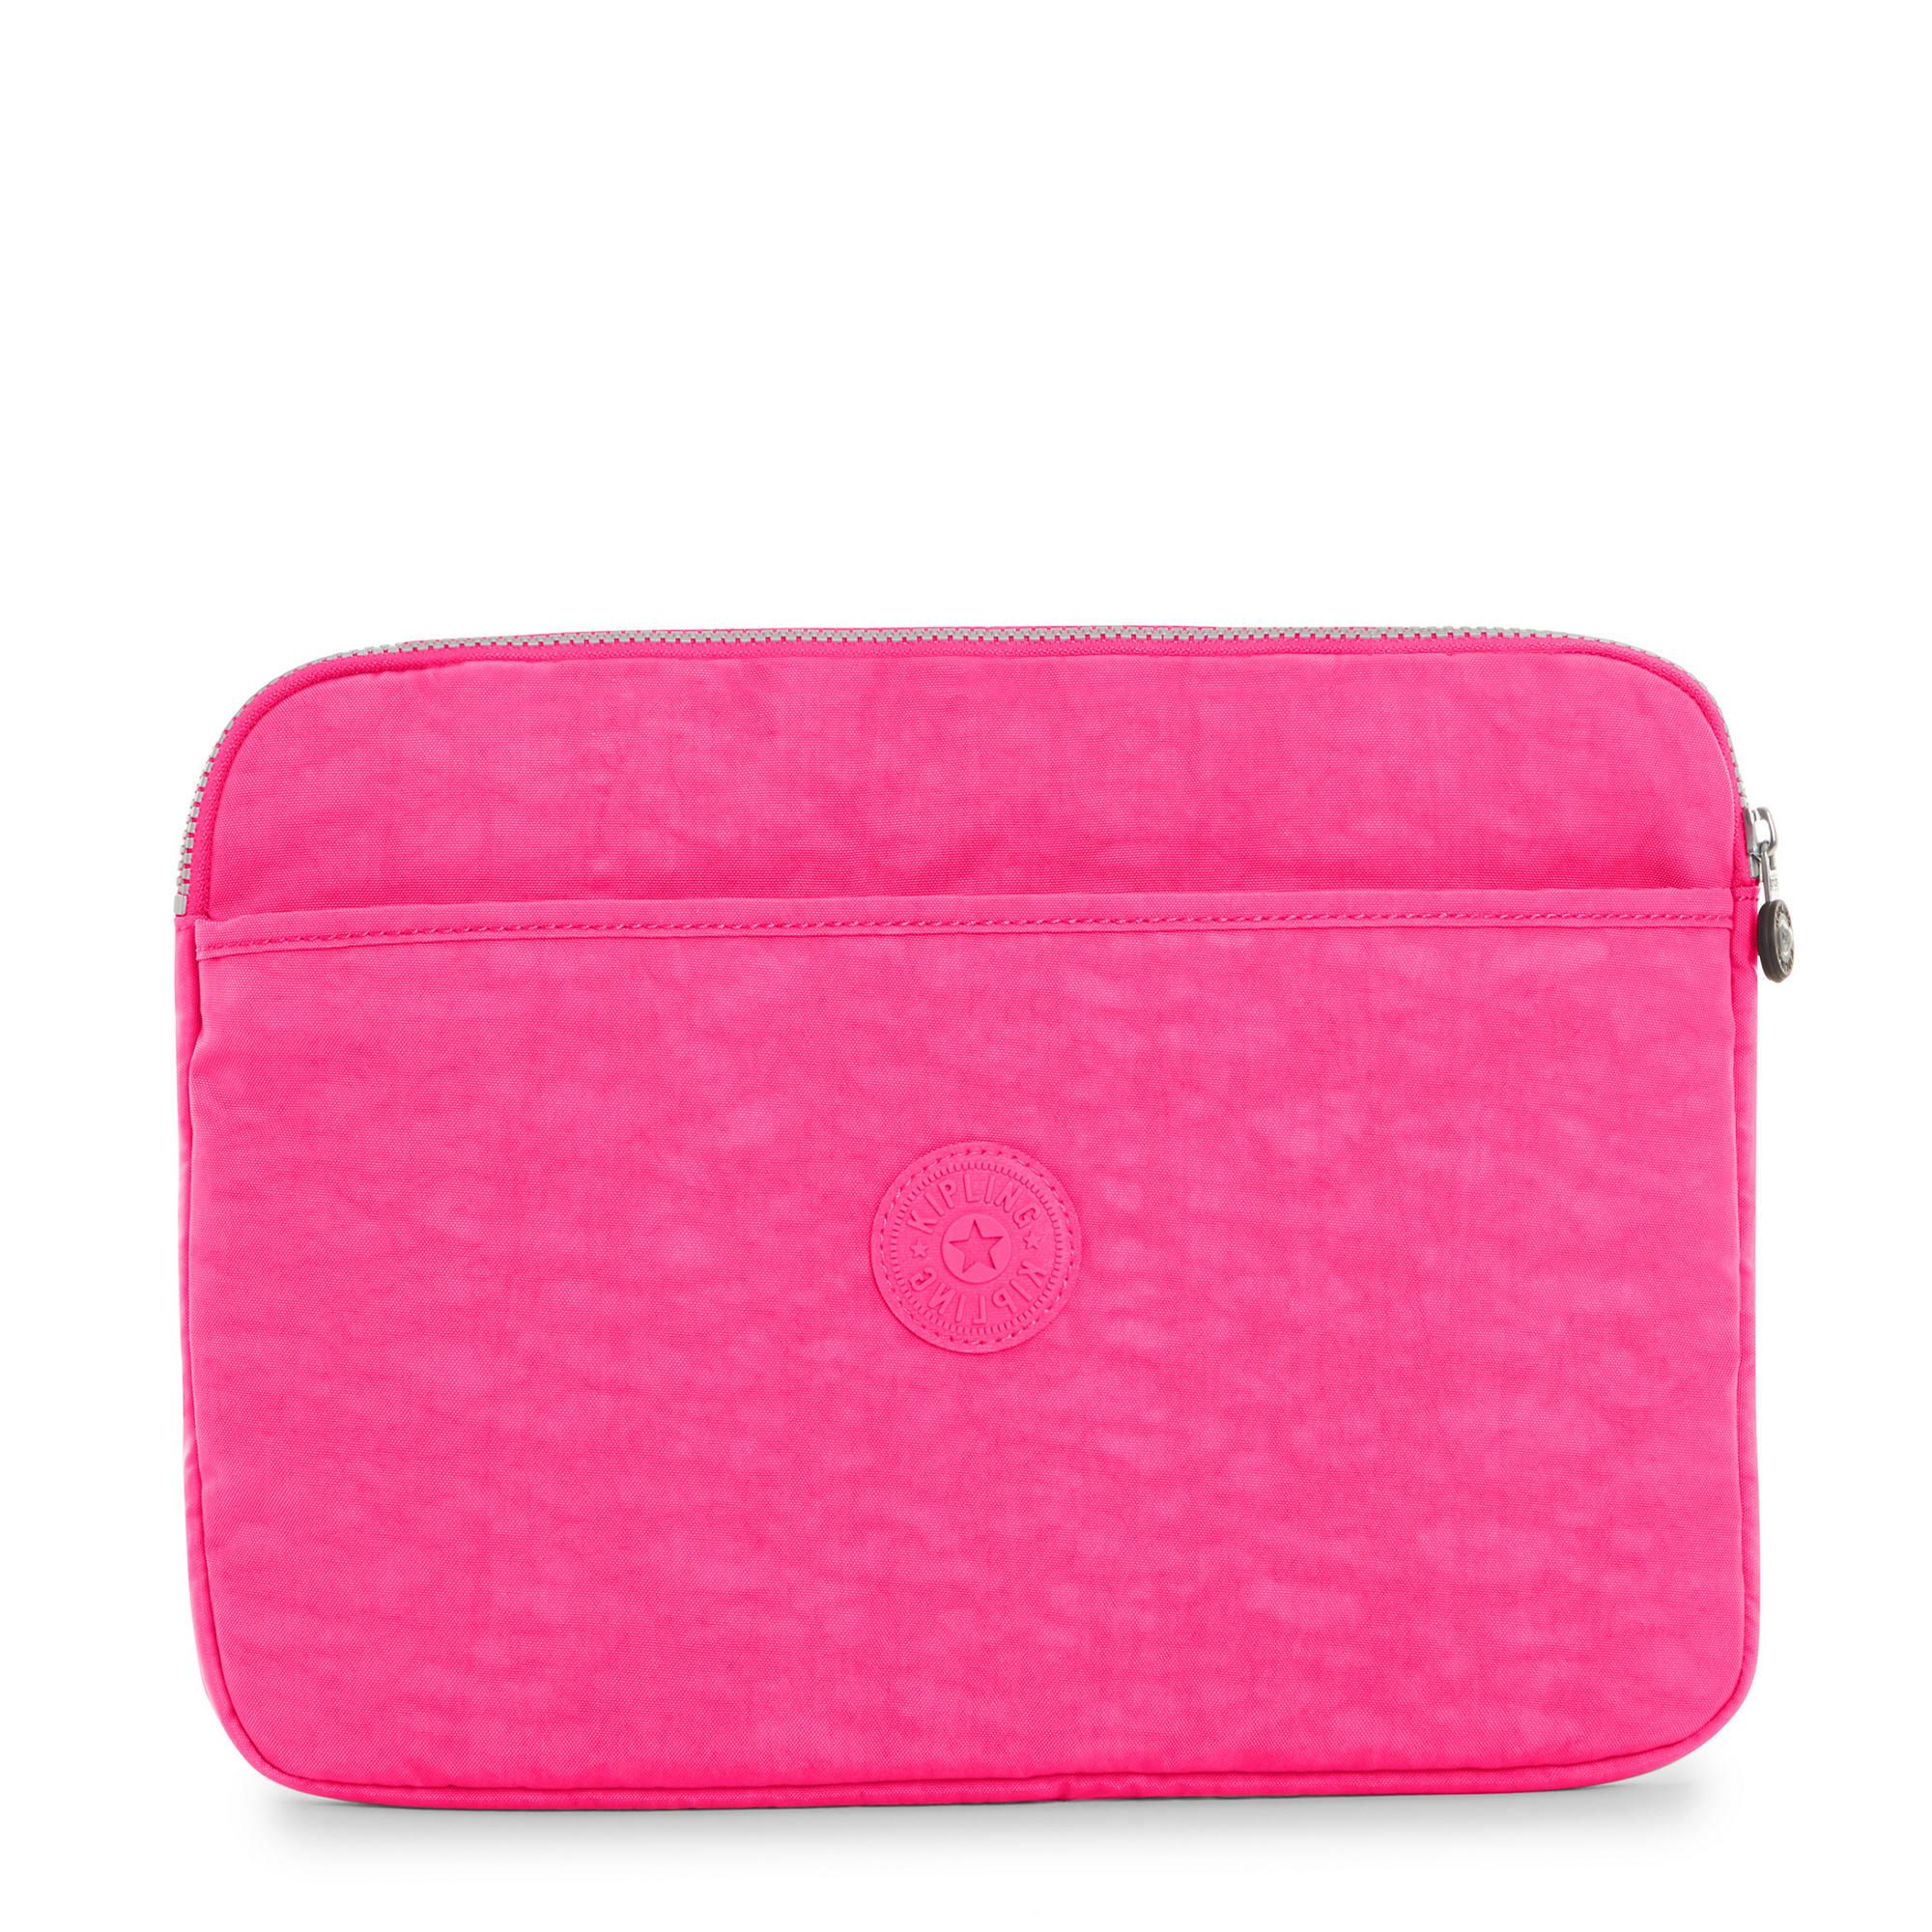 """6926587492d03 13"""" Laptop Sleeve,Surfer Pink,large"""